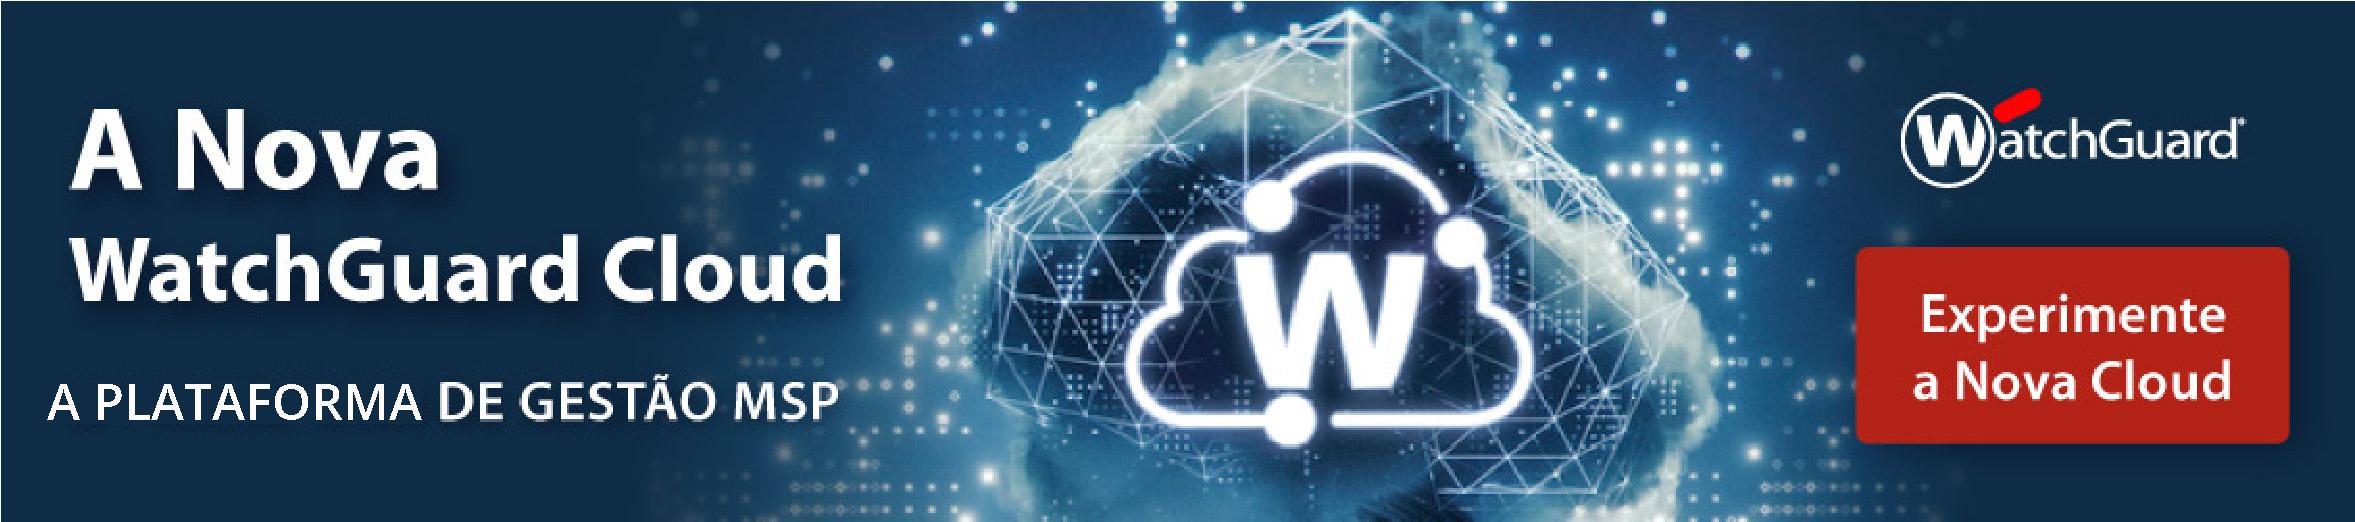 A nova WatchGuard Cloud | A plataforma de gestão MSP